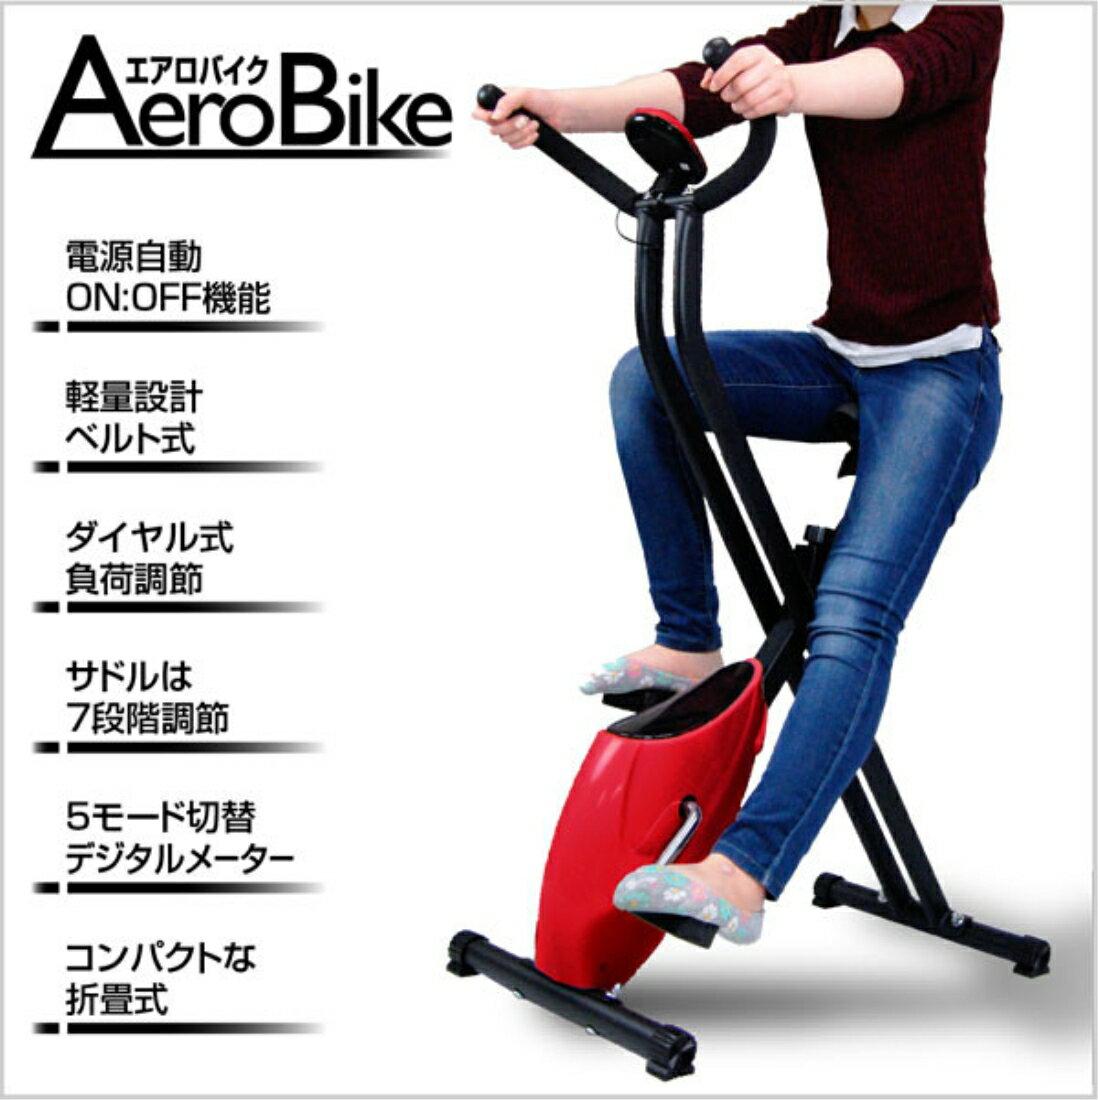 エアロバイク917【赤】エアロ バイク コンパクト 収納 消費 カロリー 表示